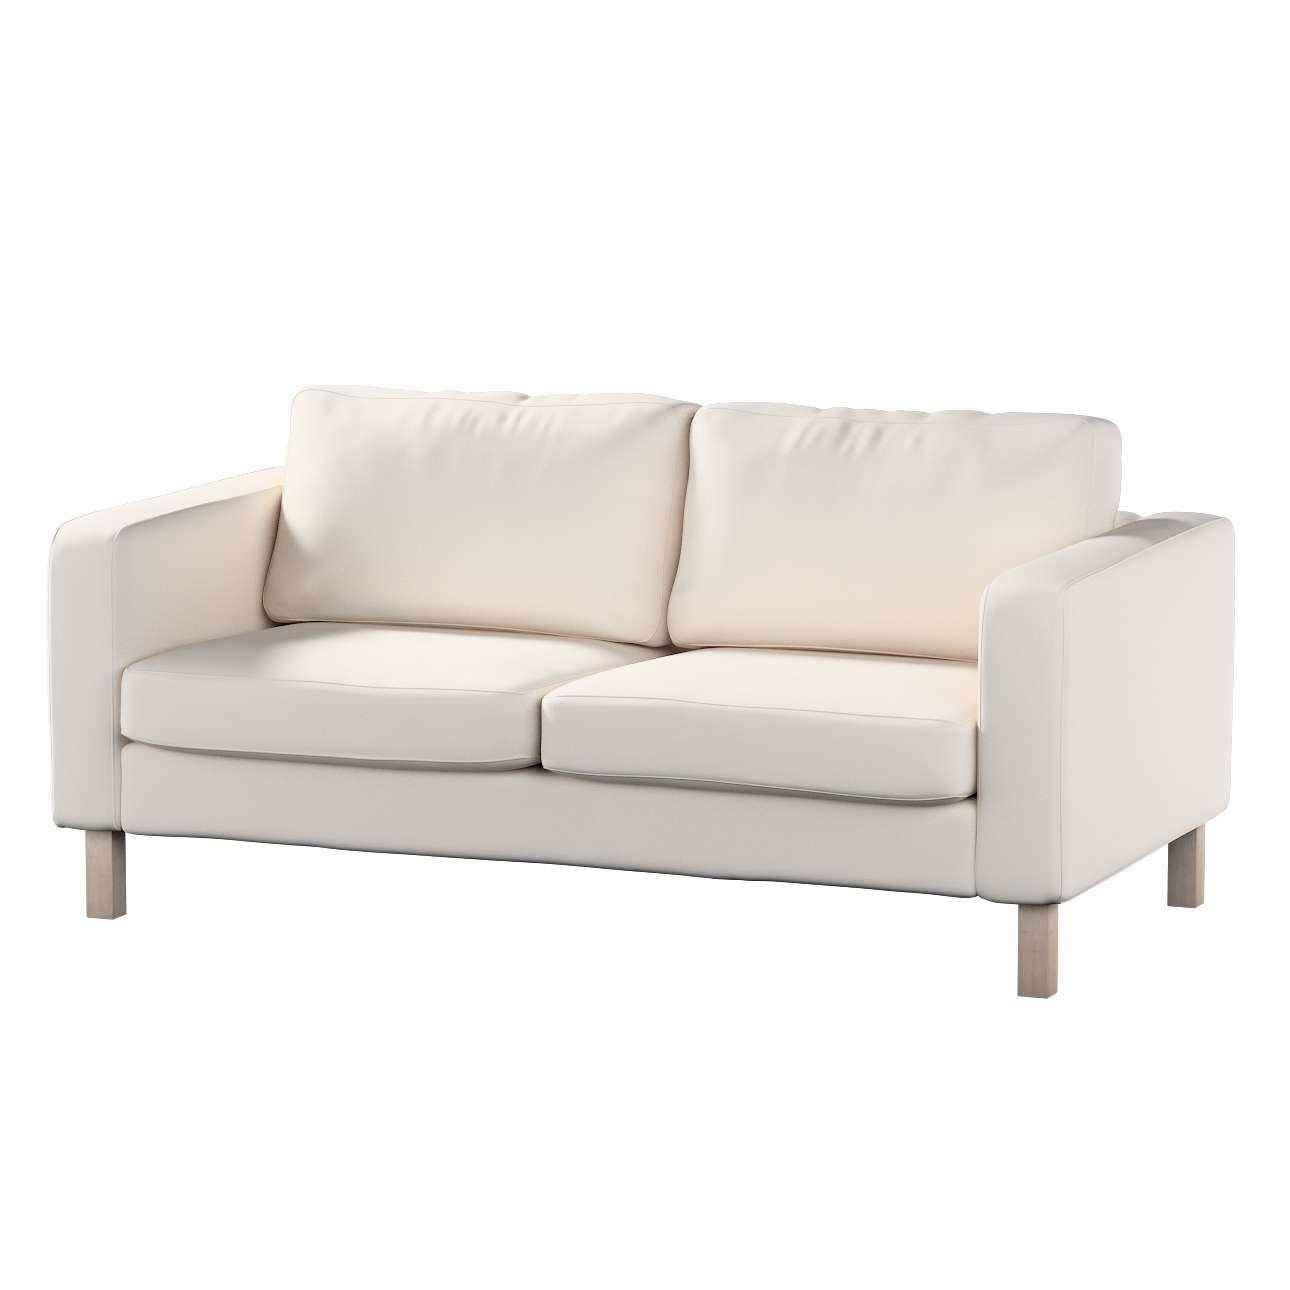 Karlstad 2-Sitzer Sofabezug nicht ausklappbar Sofahusse, Karlstad 2-Sitzer von der Kollektion Etna, Stoff: 705-01